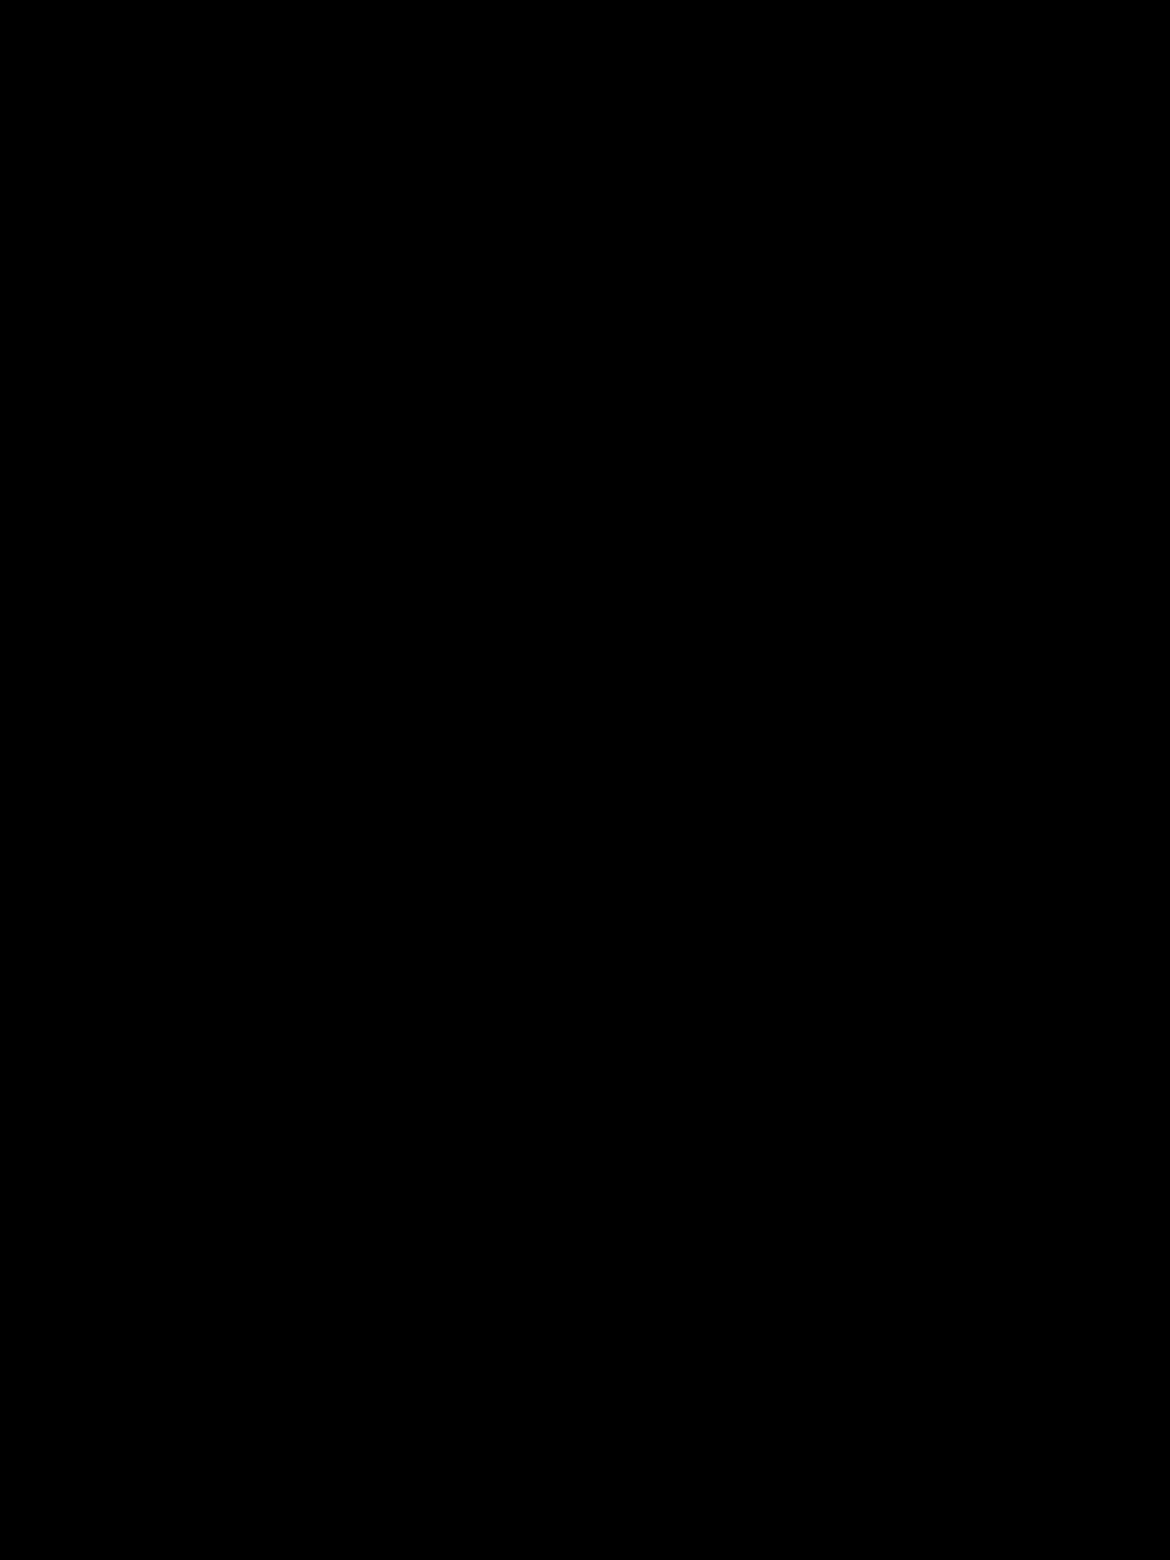 Visitare Mosca a Capodanno: I miei consigli - La metropolitana di Mosca